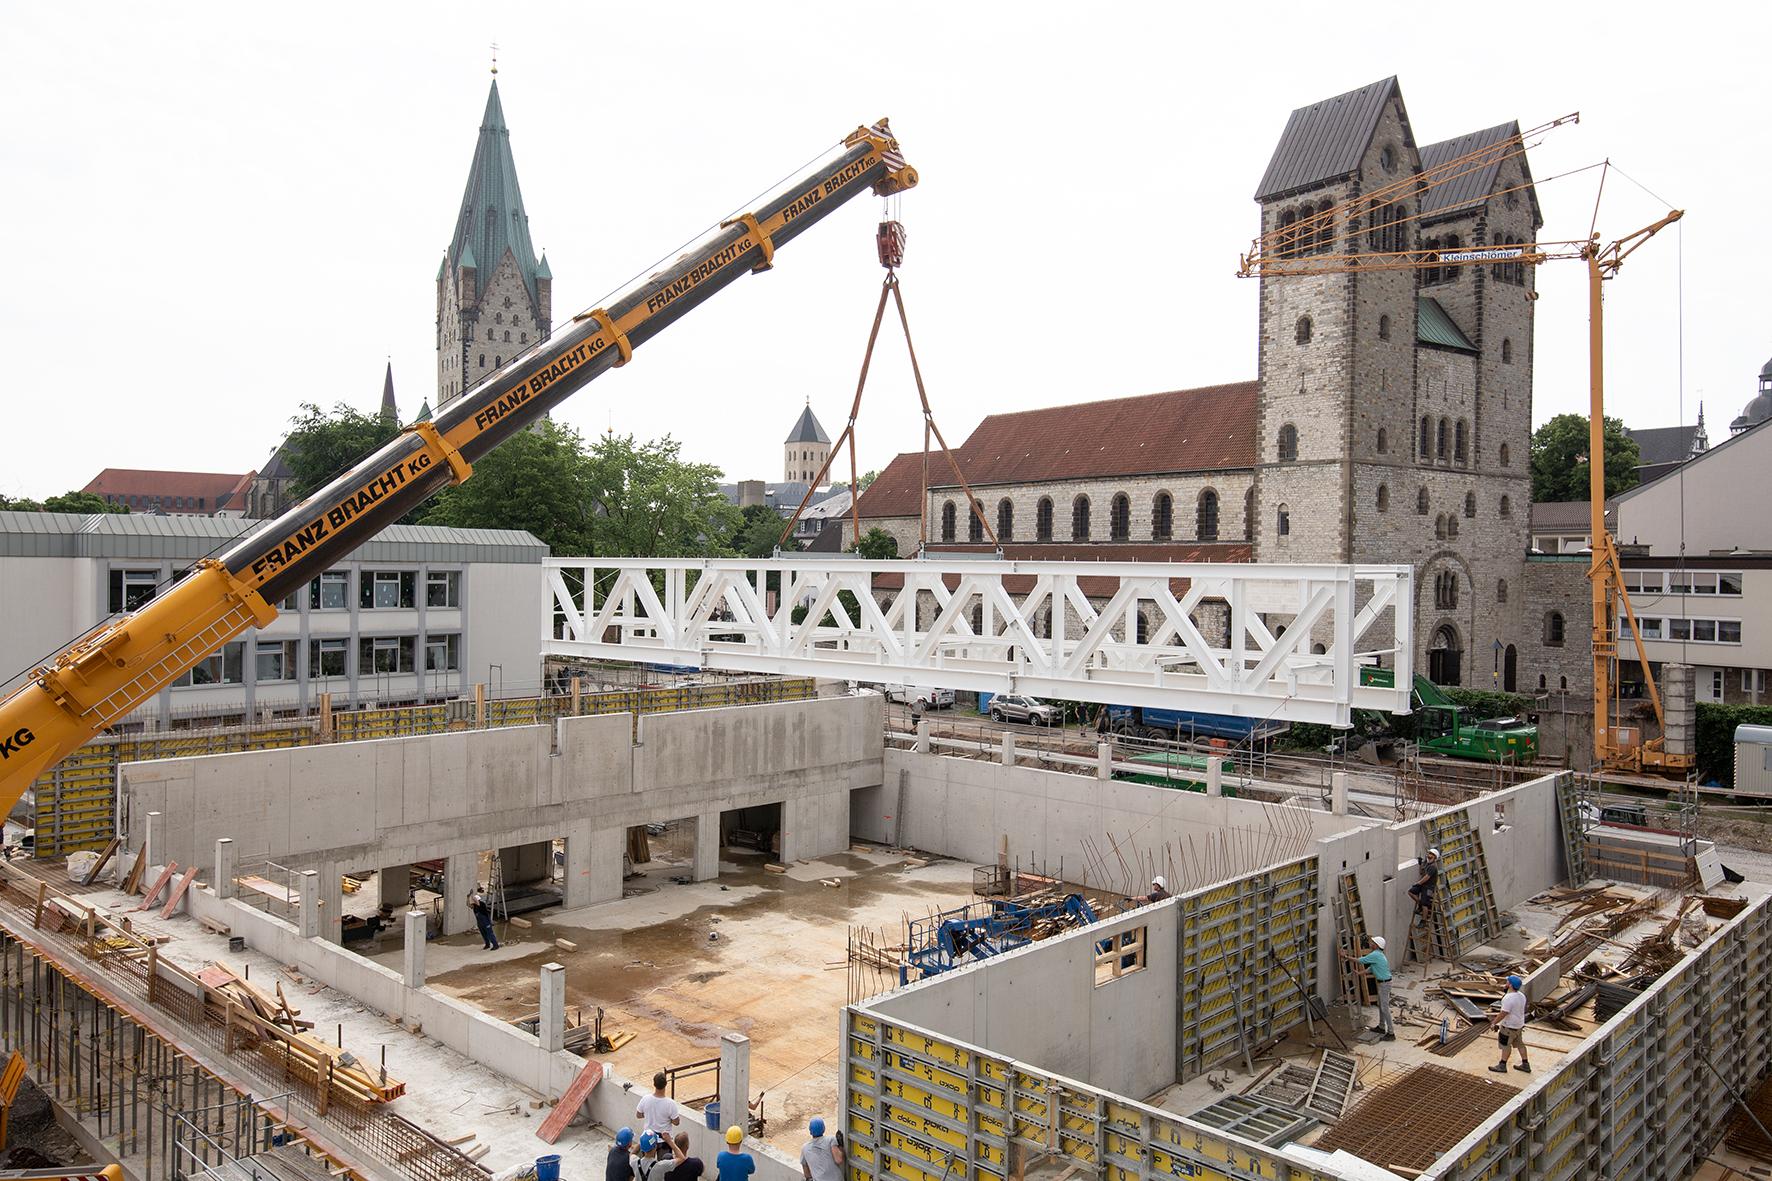 Baufortschritt - Der vorgefertigte Stahlfachwerkträger wurde eingebrachtJuni 2019